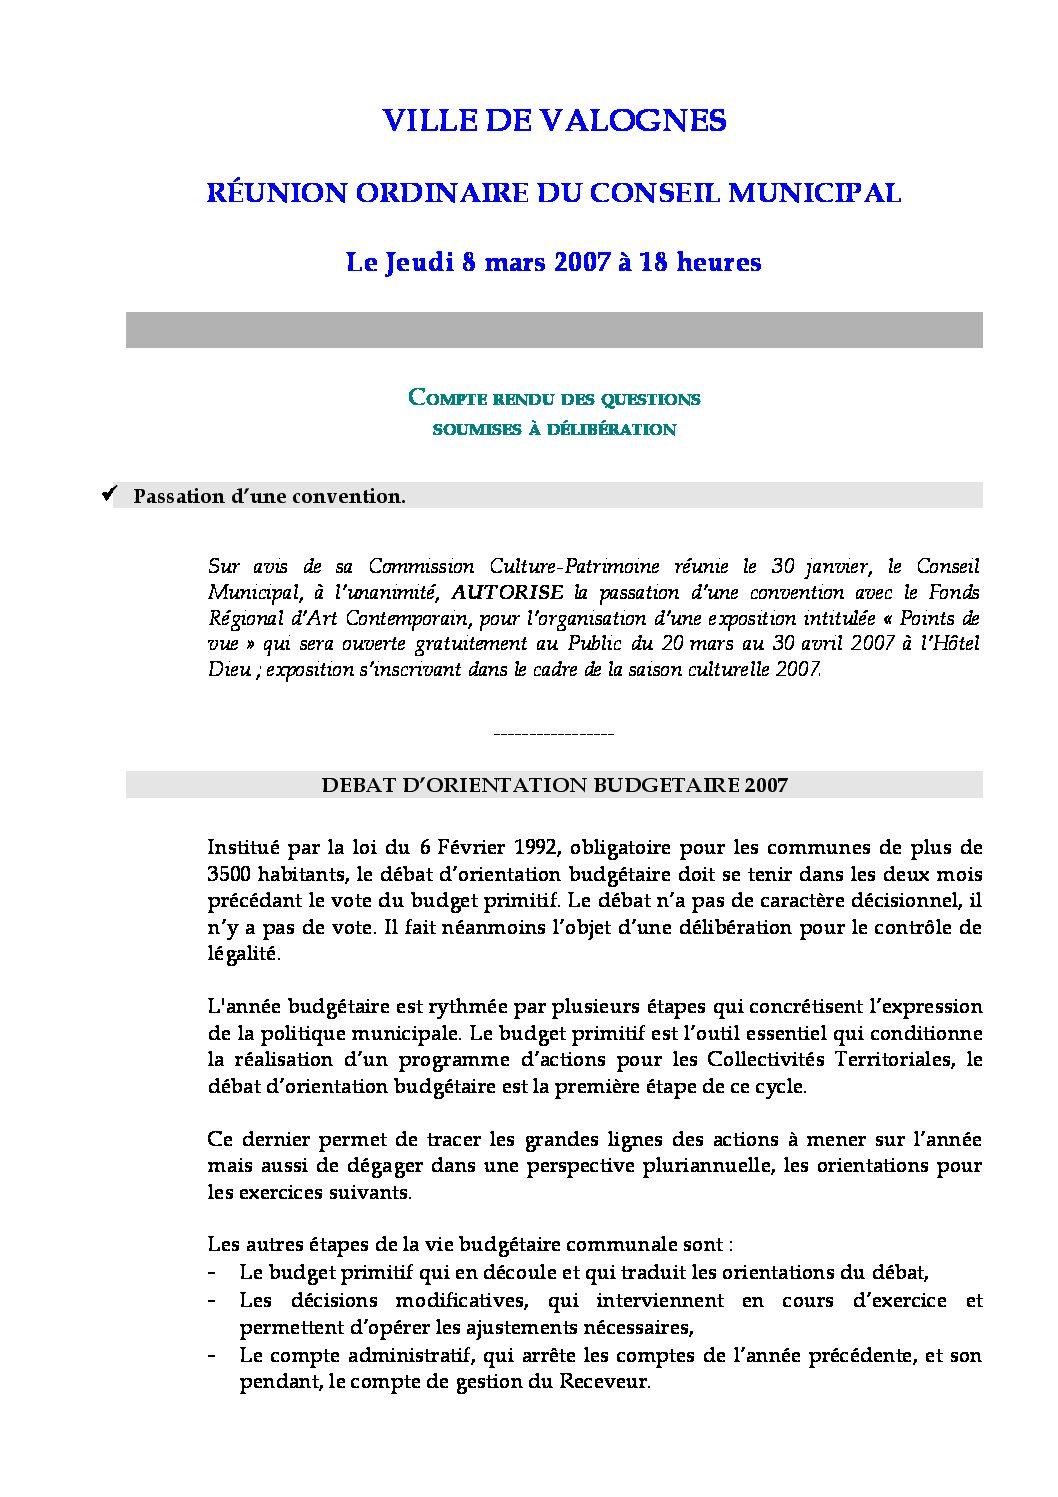 Extrait du registre des délibérations du 08-03-2007 - Compte rendu des questions soumises à délibération lors de la séance du Conseil Municipal du 8 mars 2007.